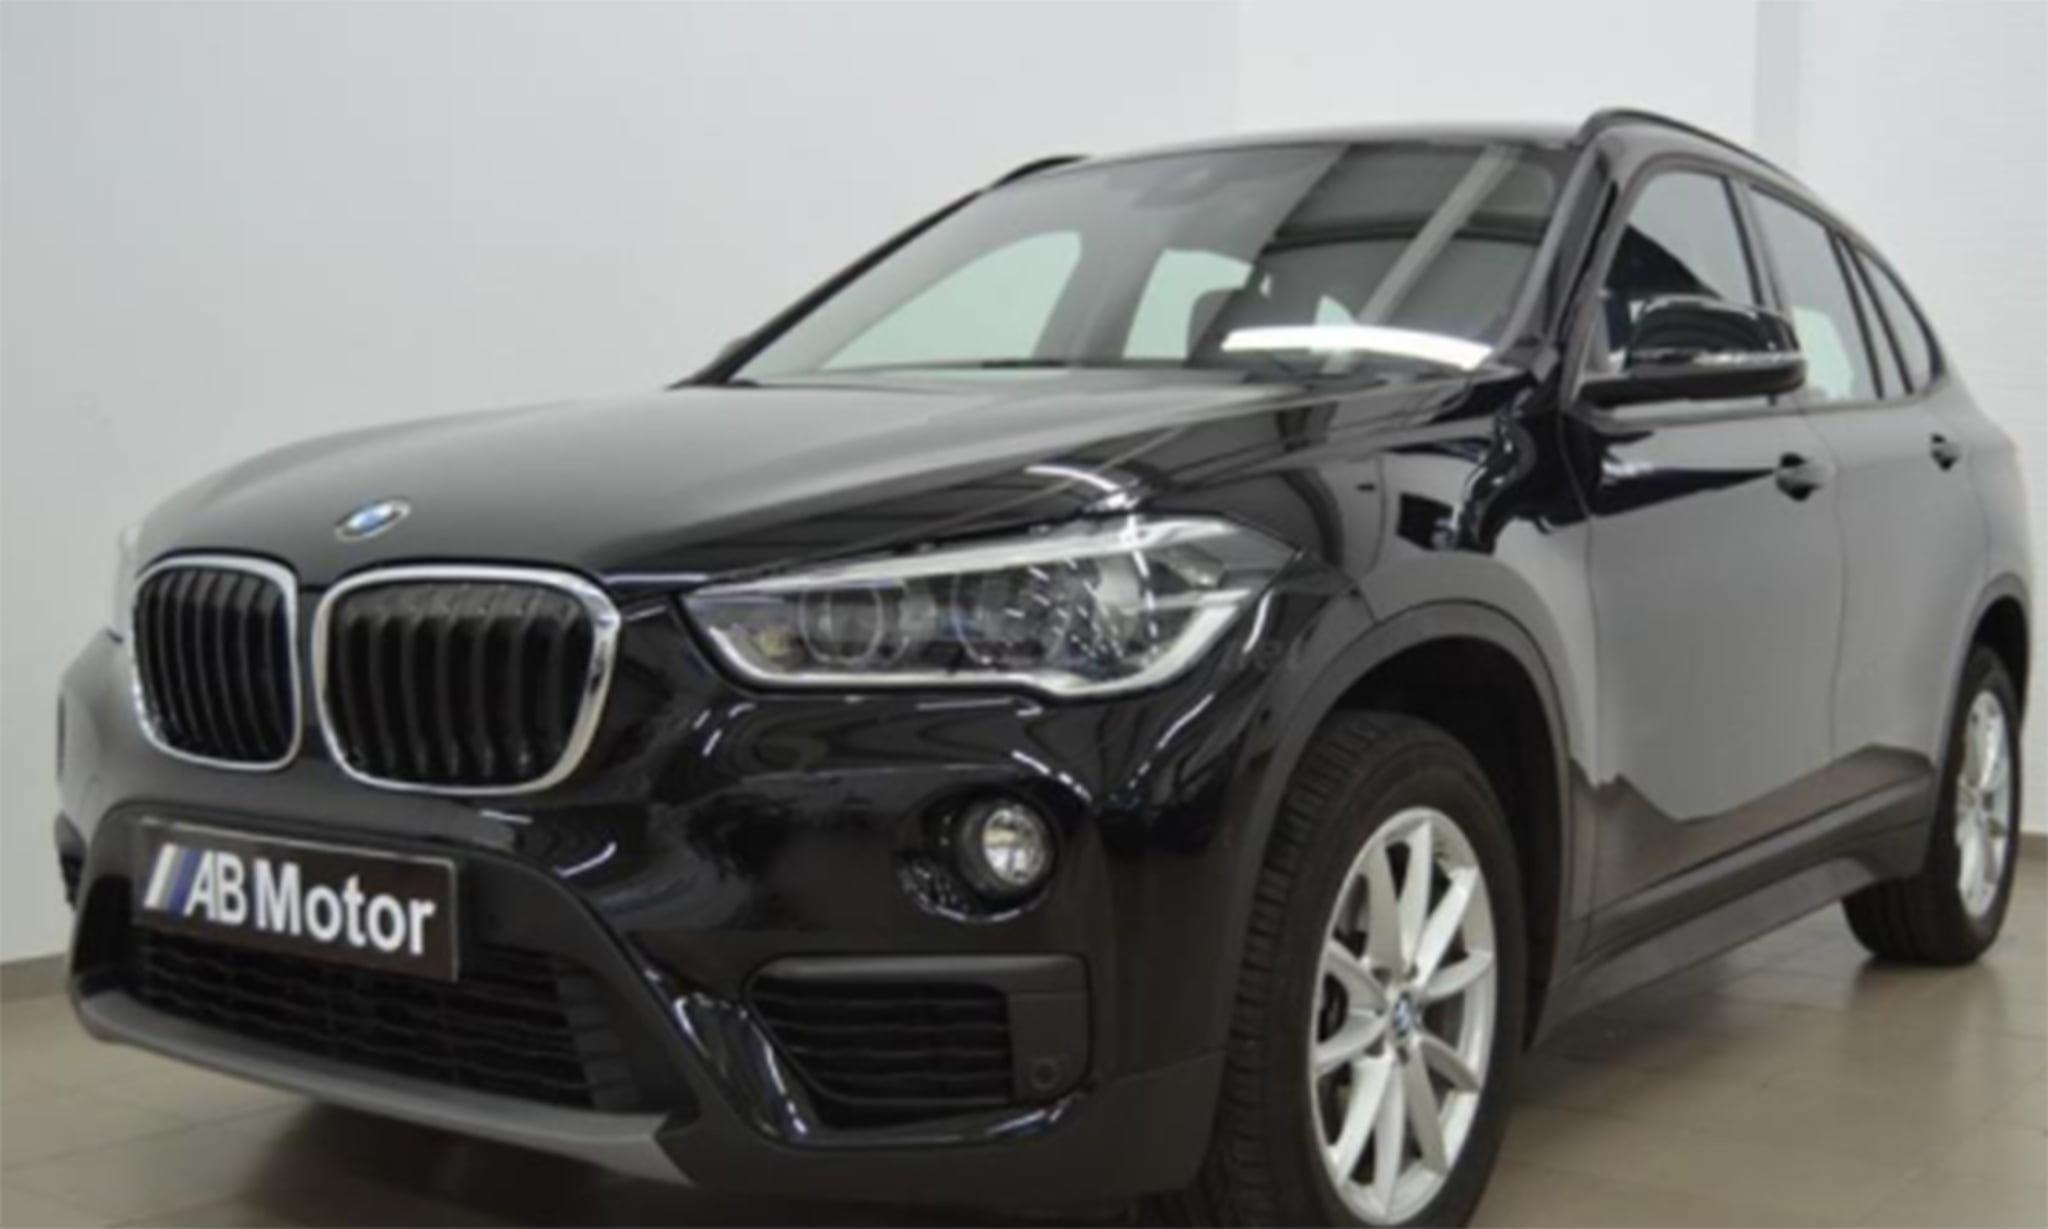 BMW X1 sDrive18dA 5p. – AB Motor